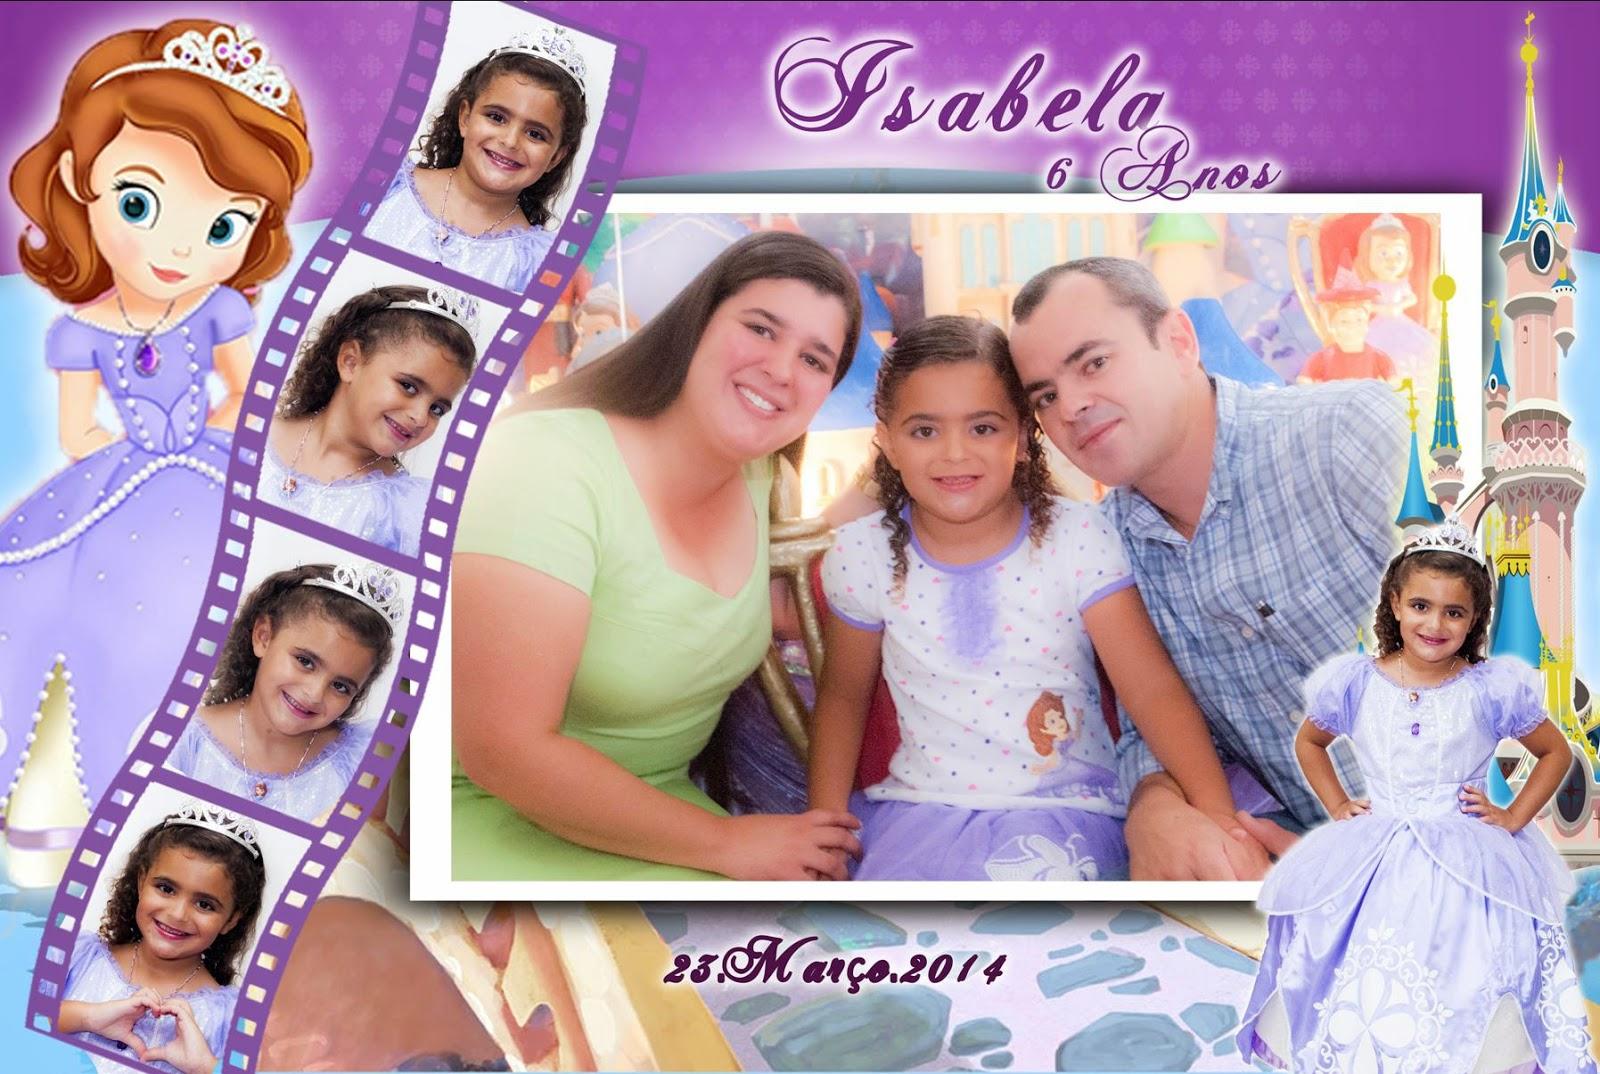 http://fotos-lembranca.blogspot.com.br/2014/03/20140323-isabela-6-anos-princesa-sofia.html